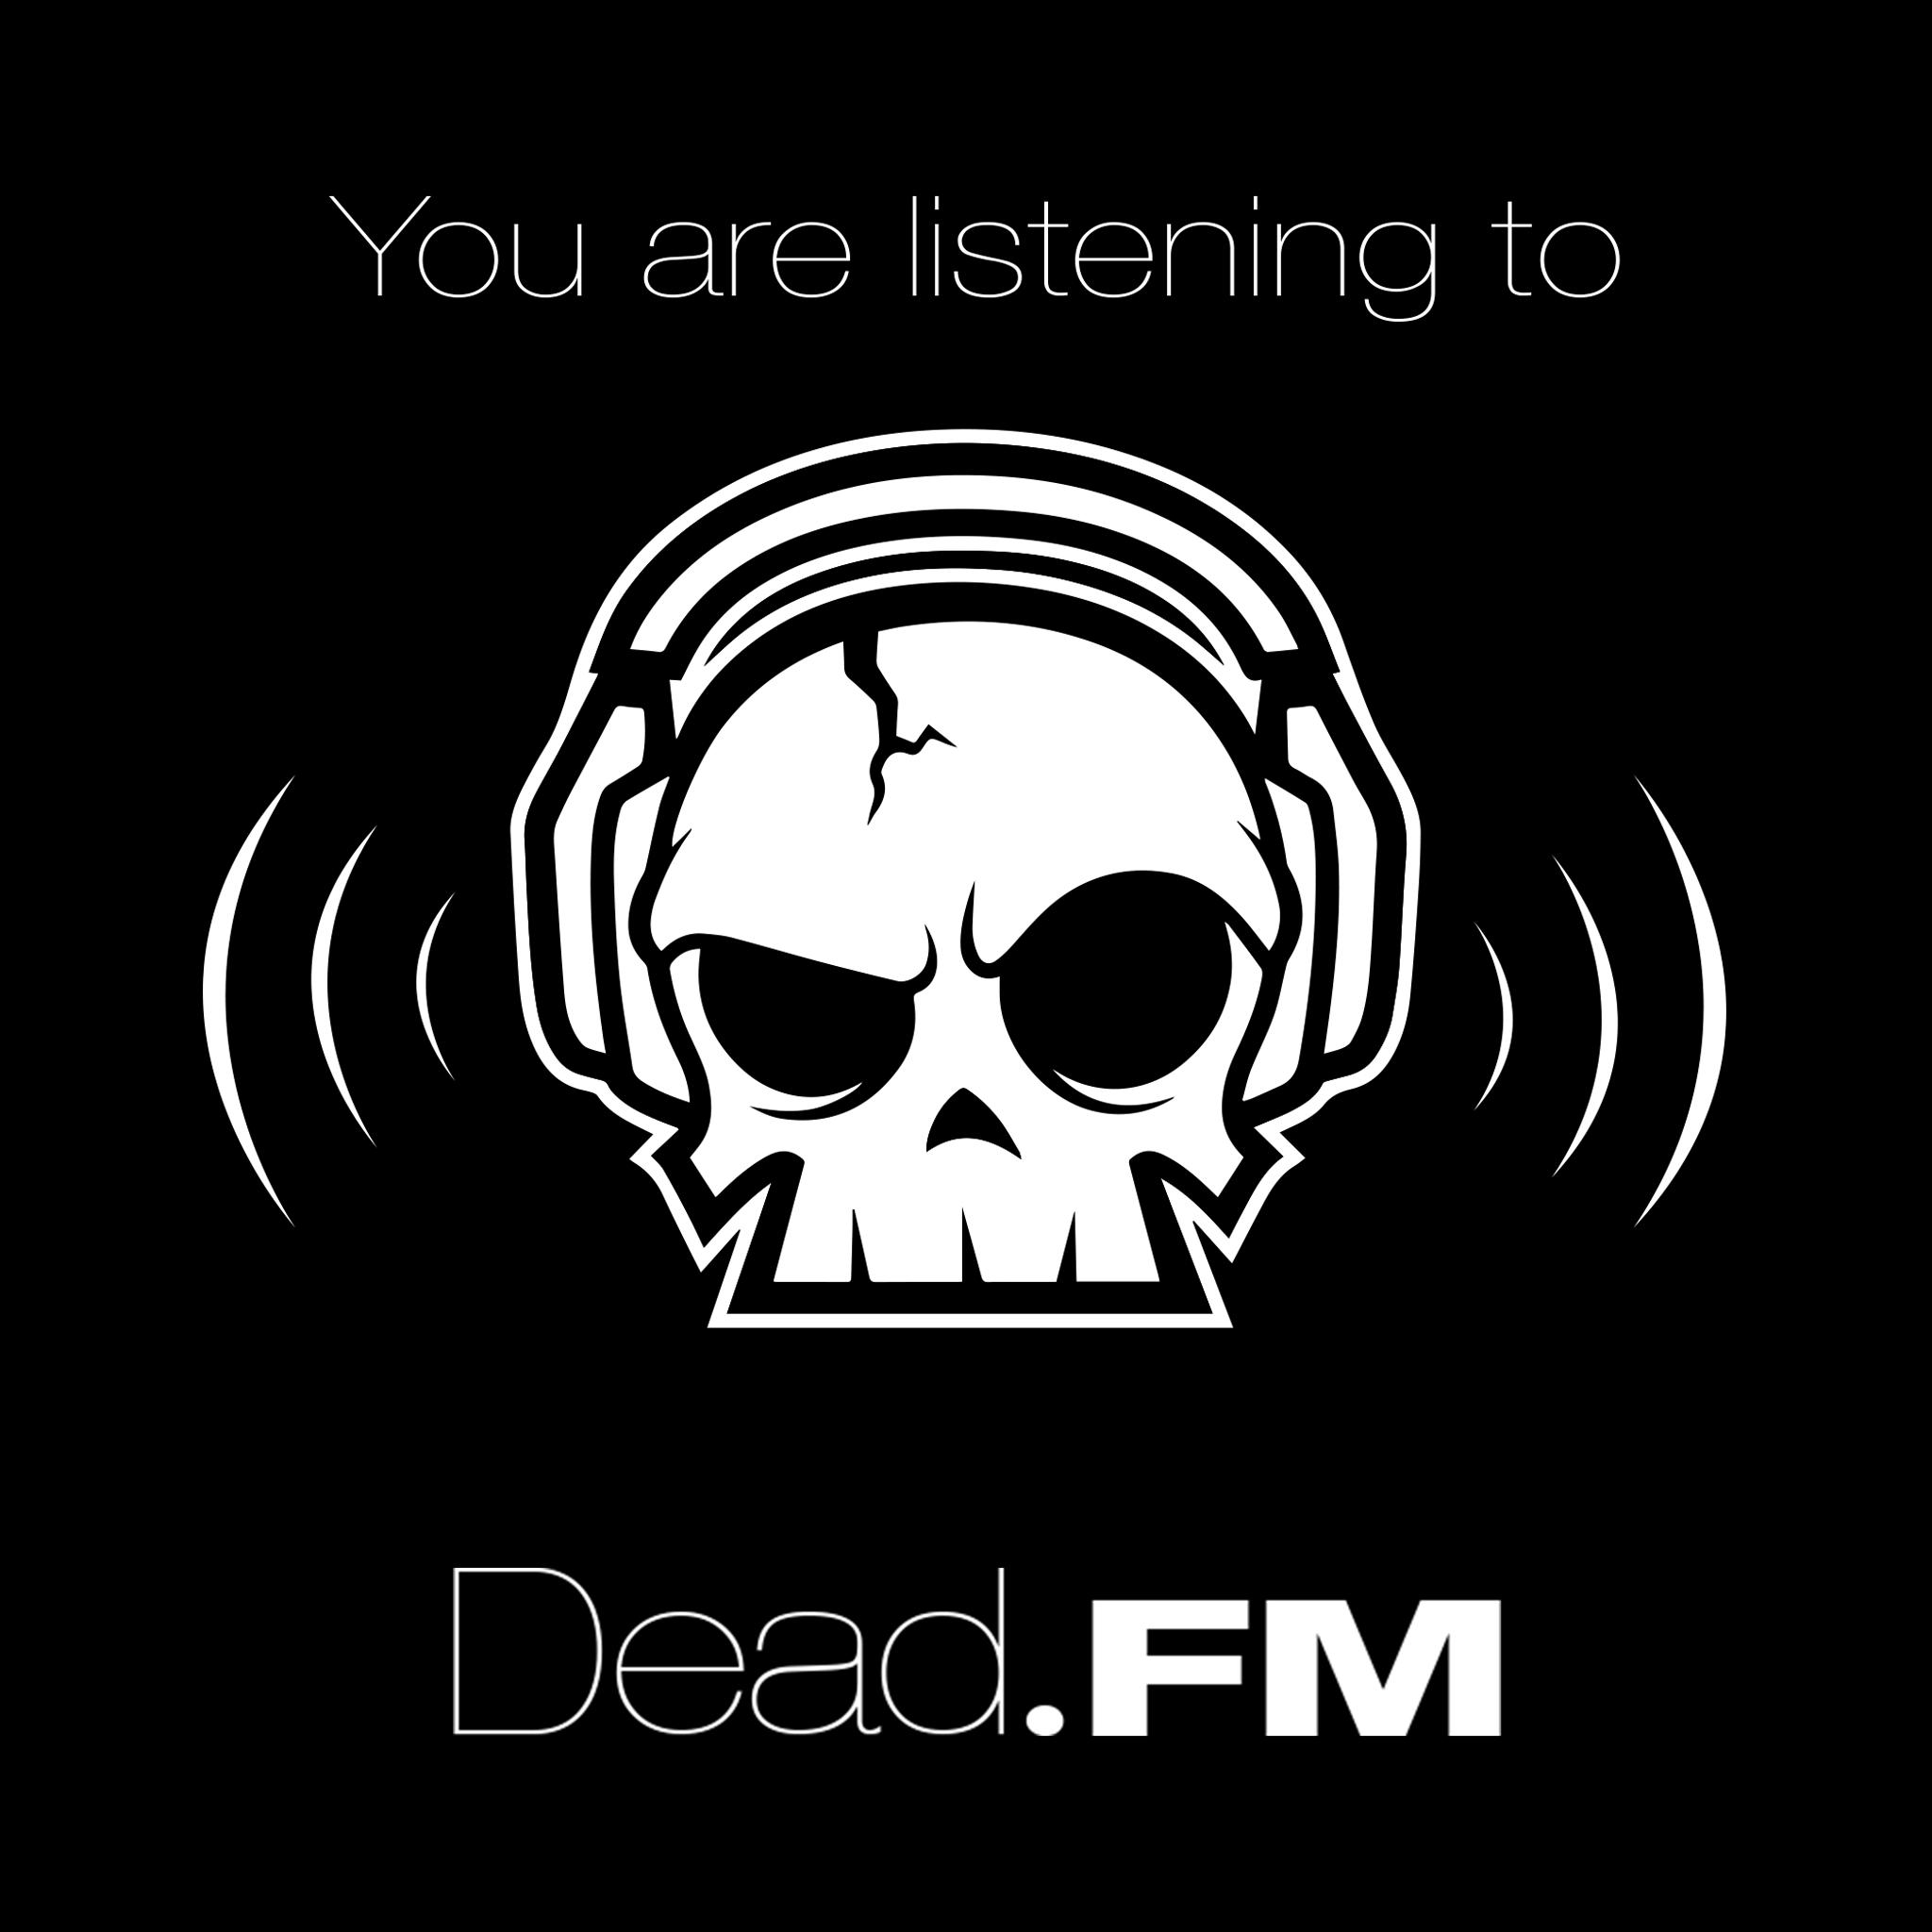 Dead.FM